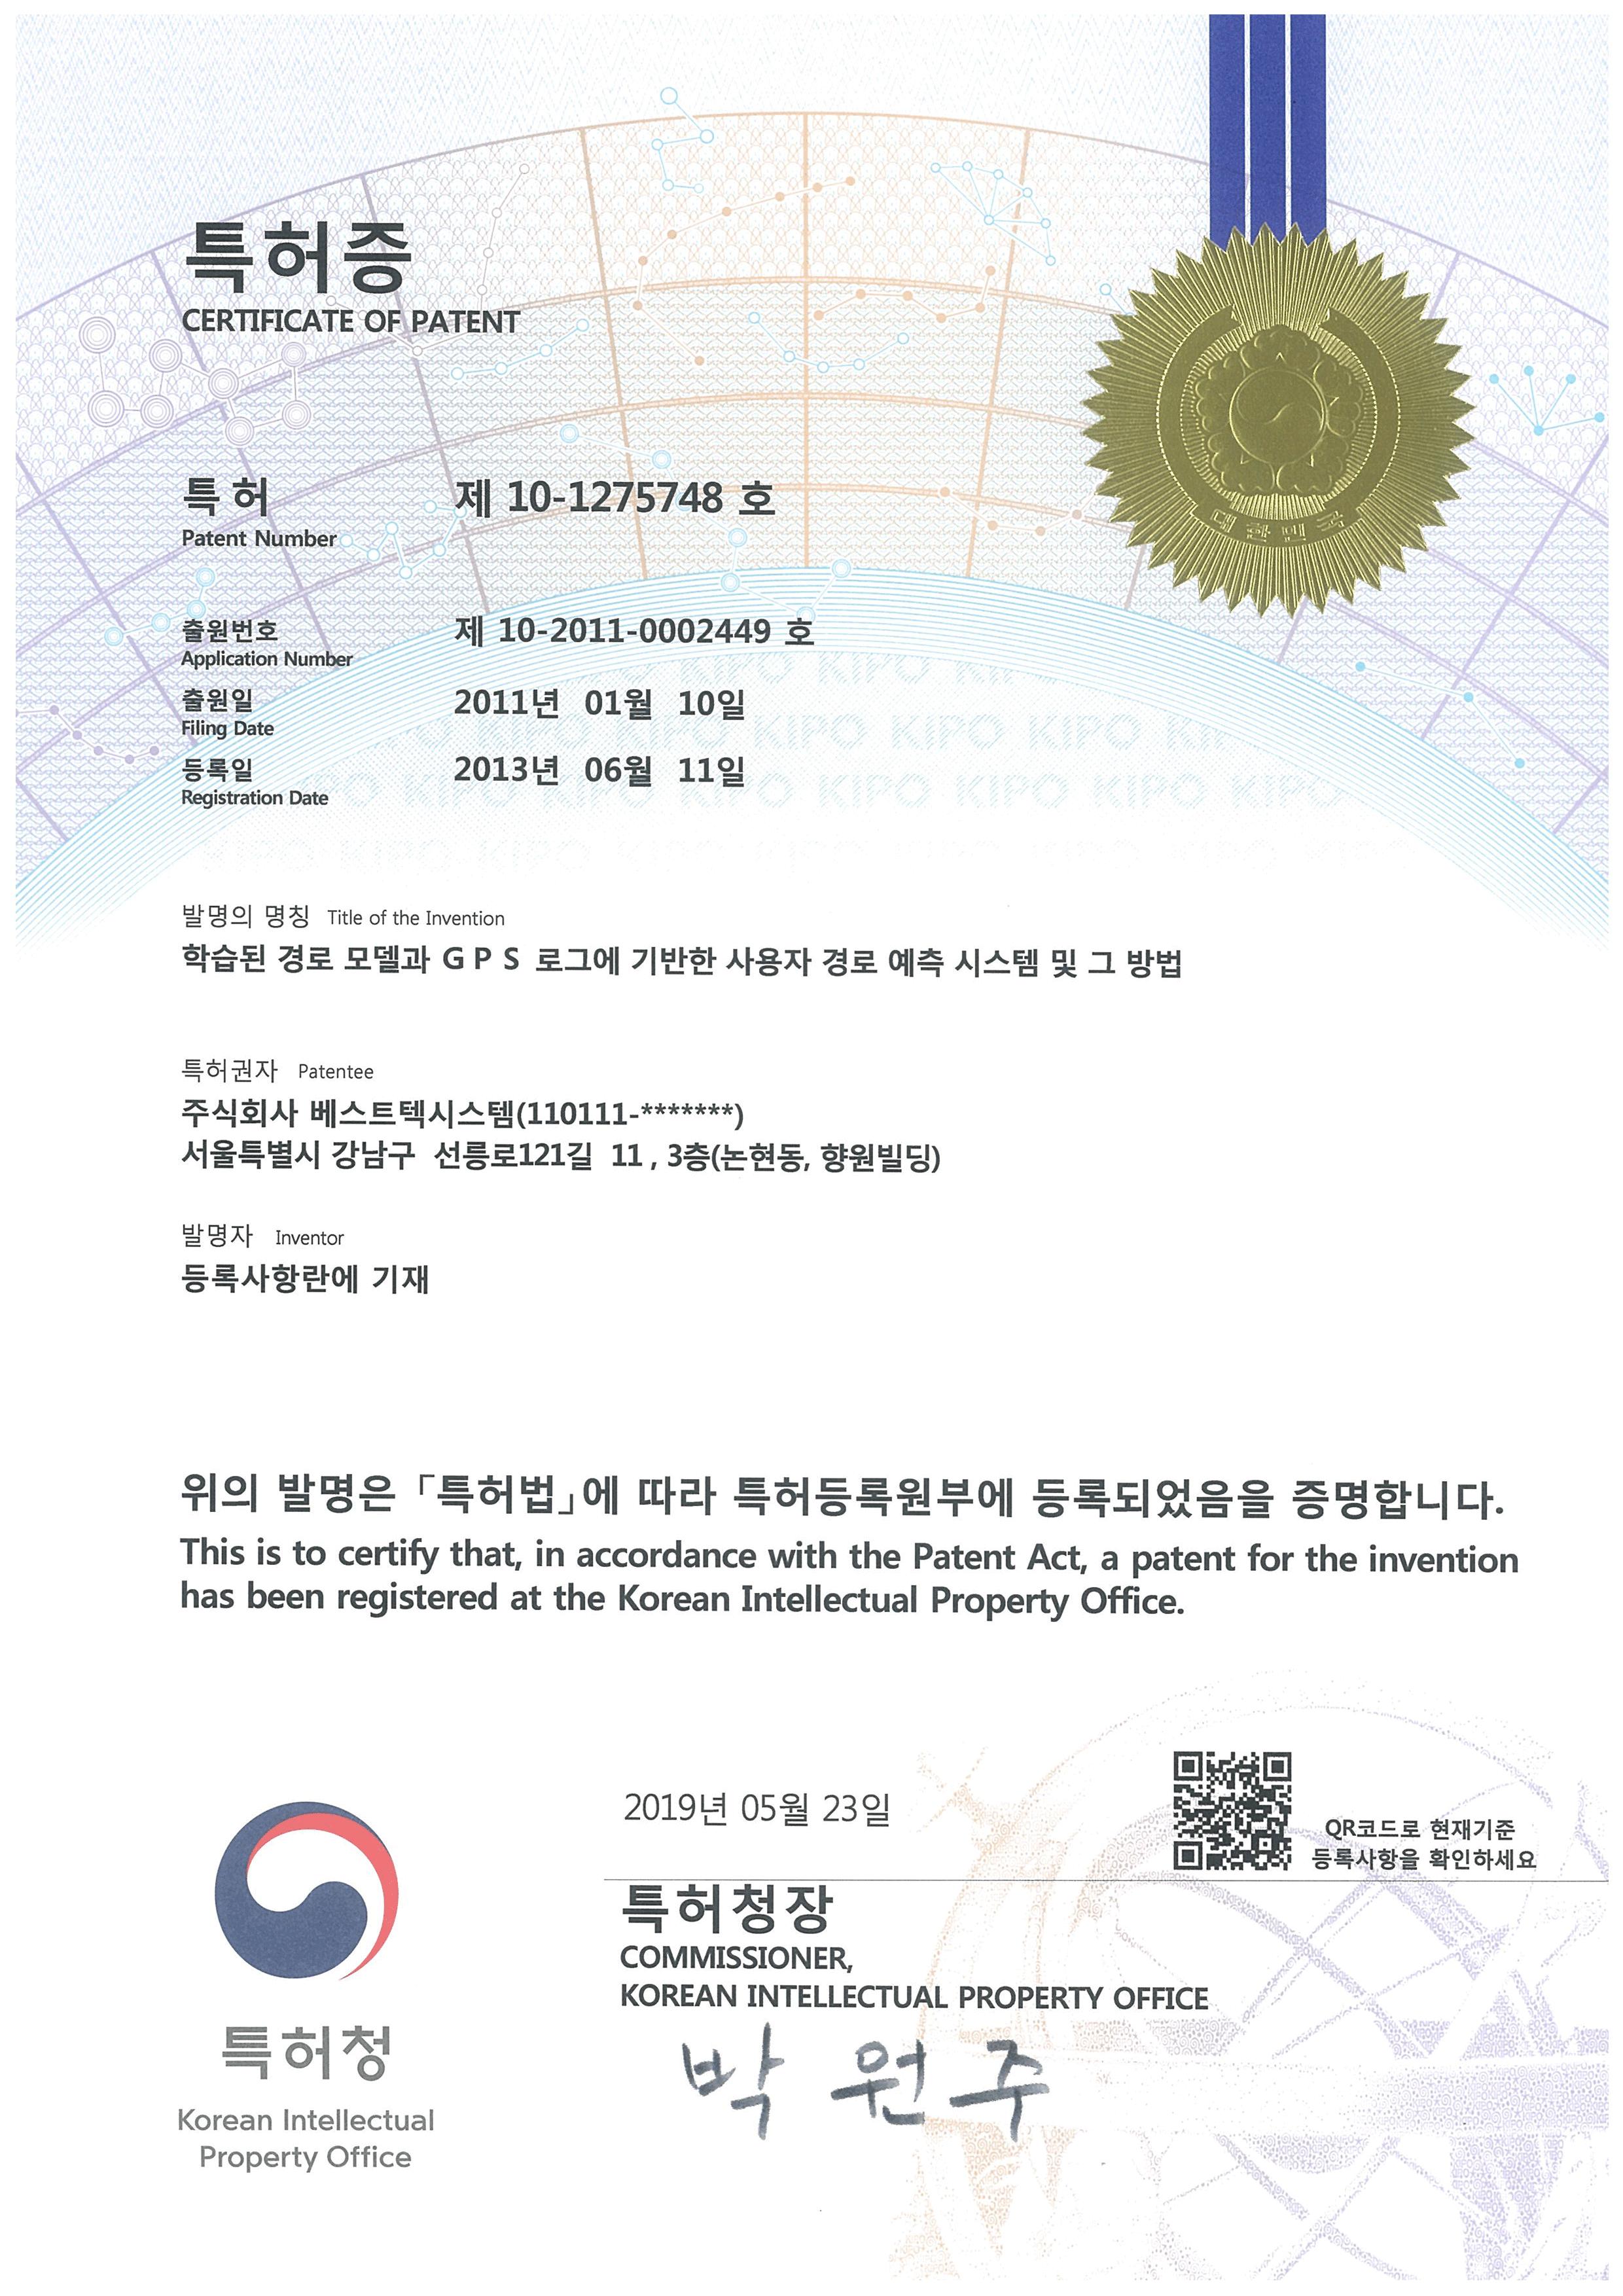 사용자 경로 예측 시스템 특허증